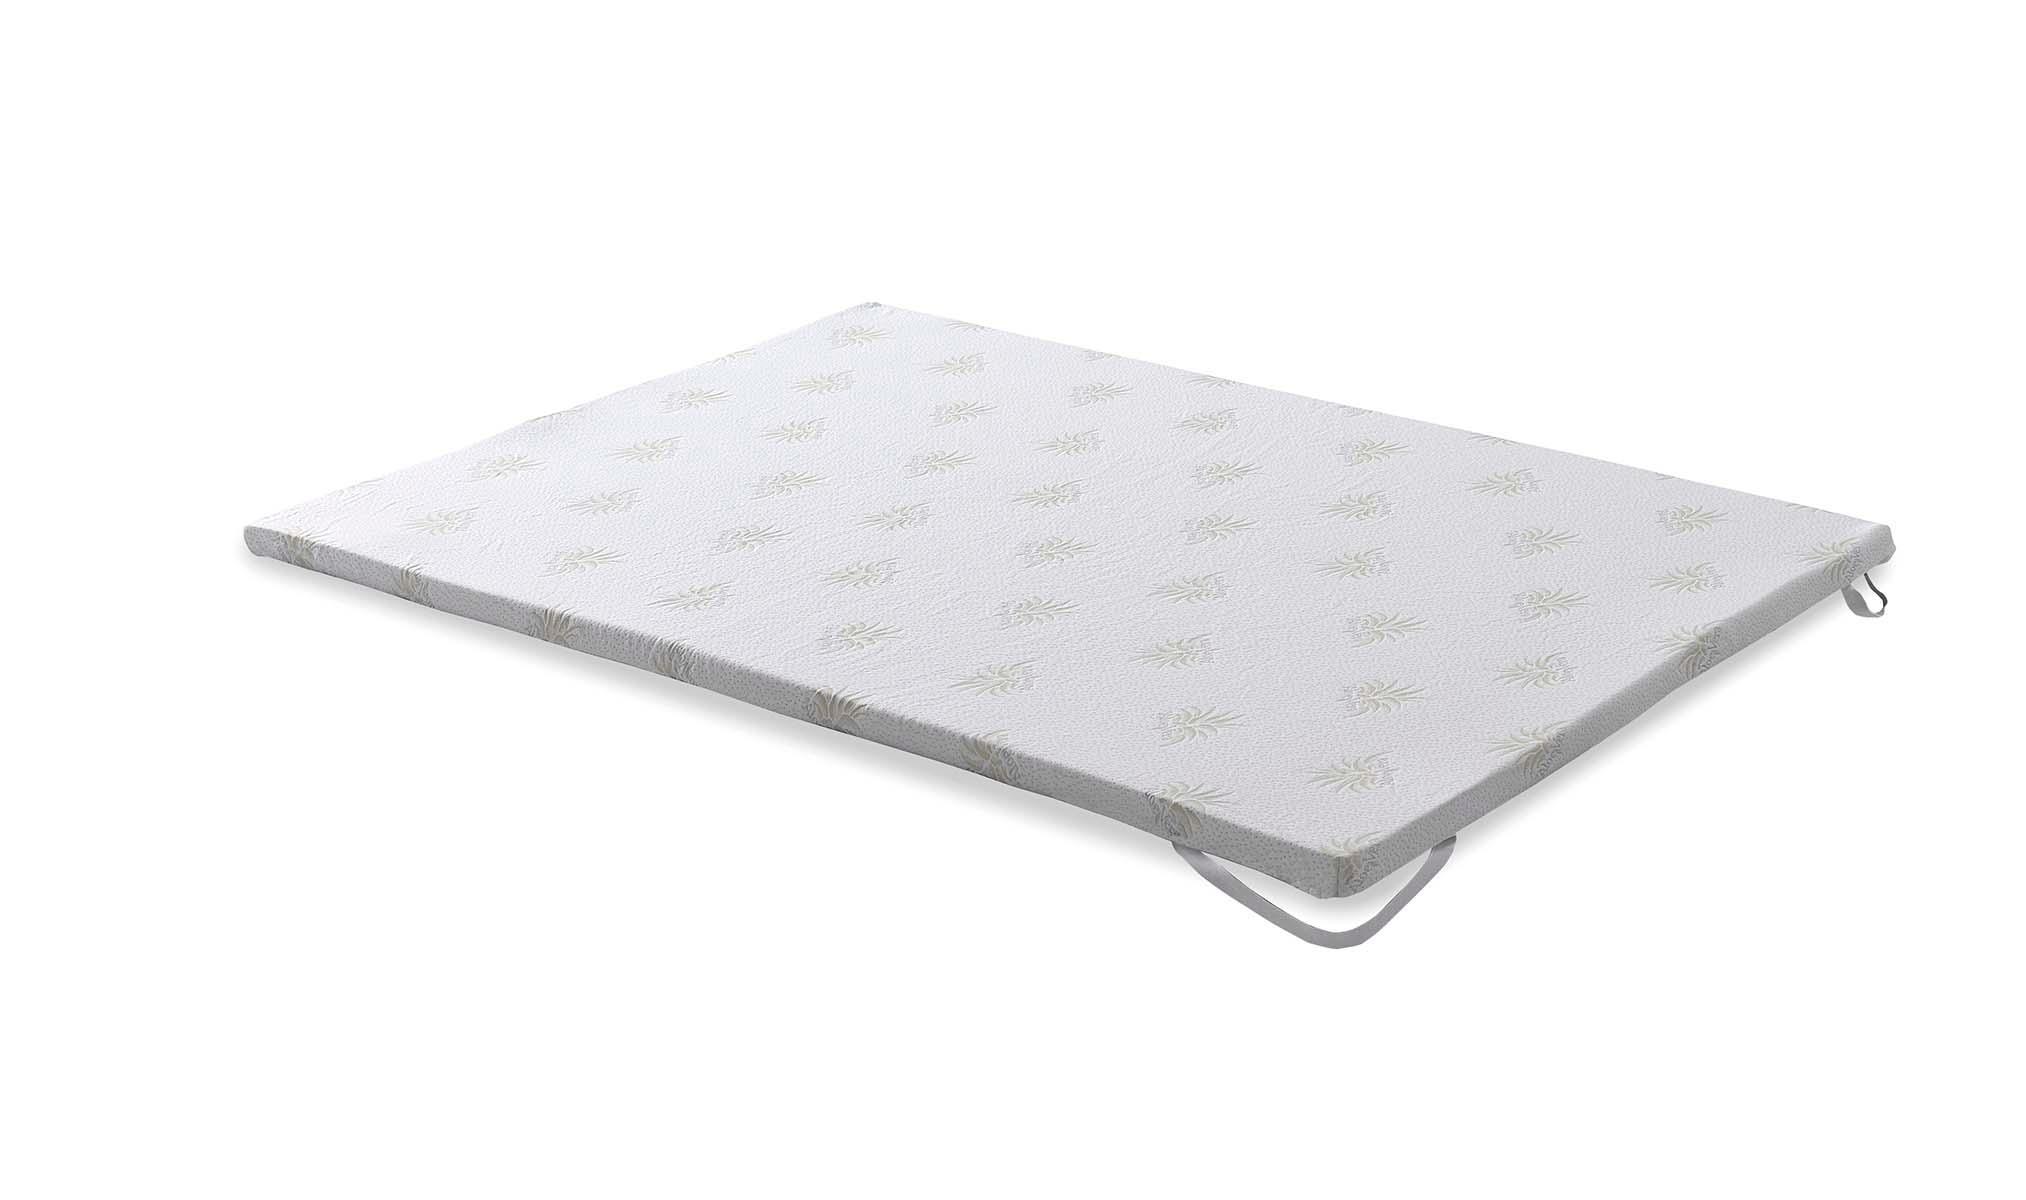 Camapolis topper viscoelastico de 6cm para cama de 135x190 - Colchoncillo viscoelastico ...